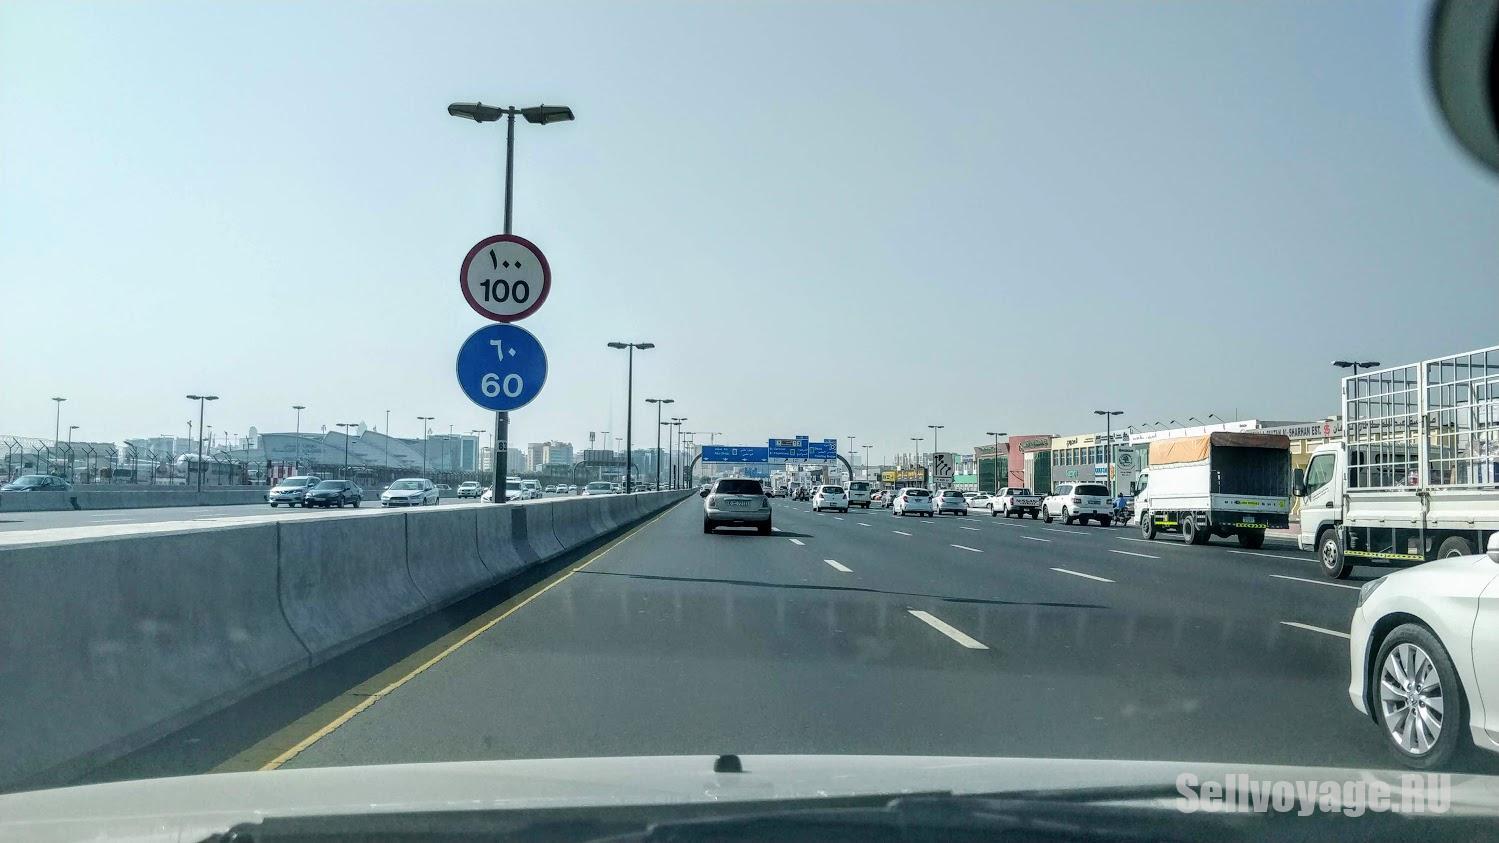 Ограничение скорости на автобане в Дубае